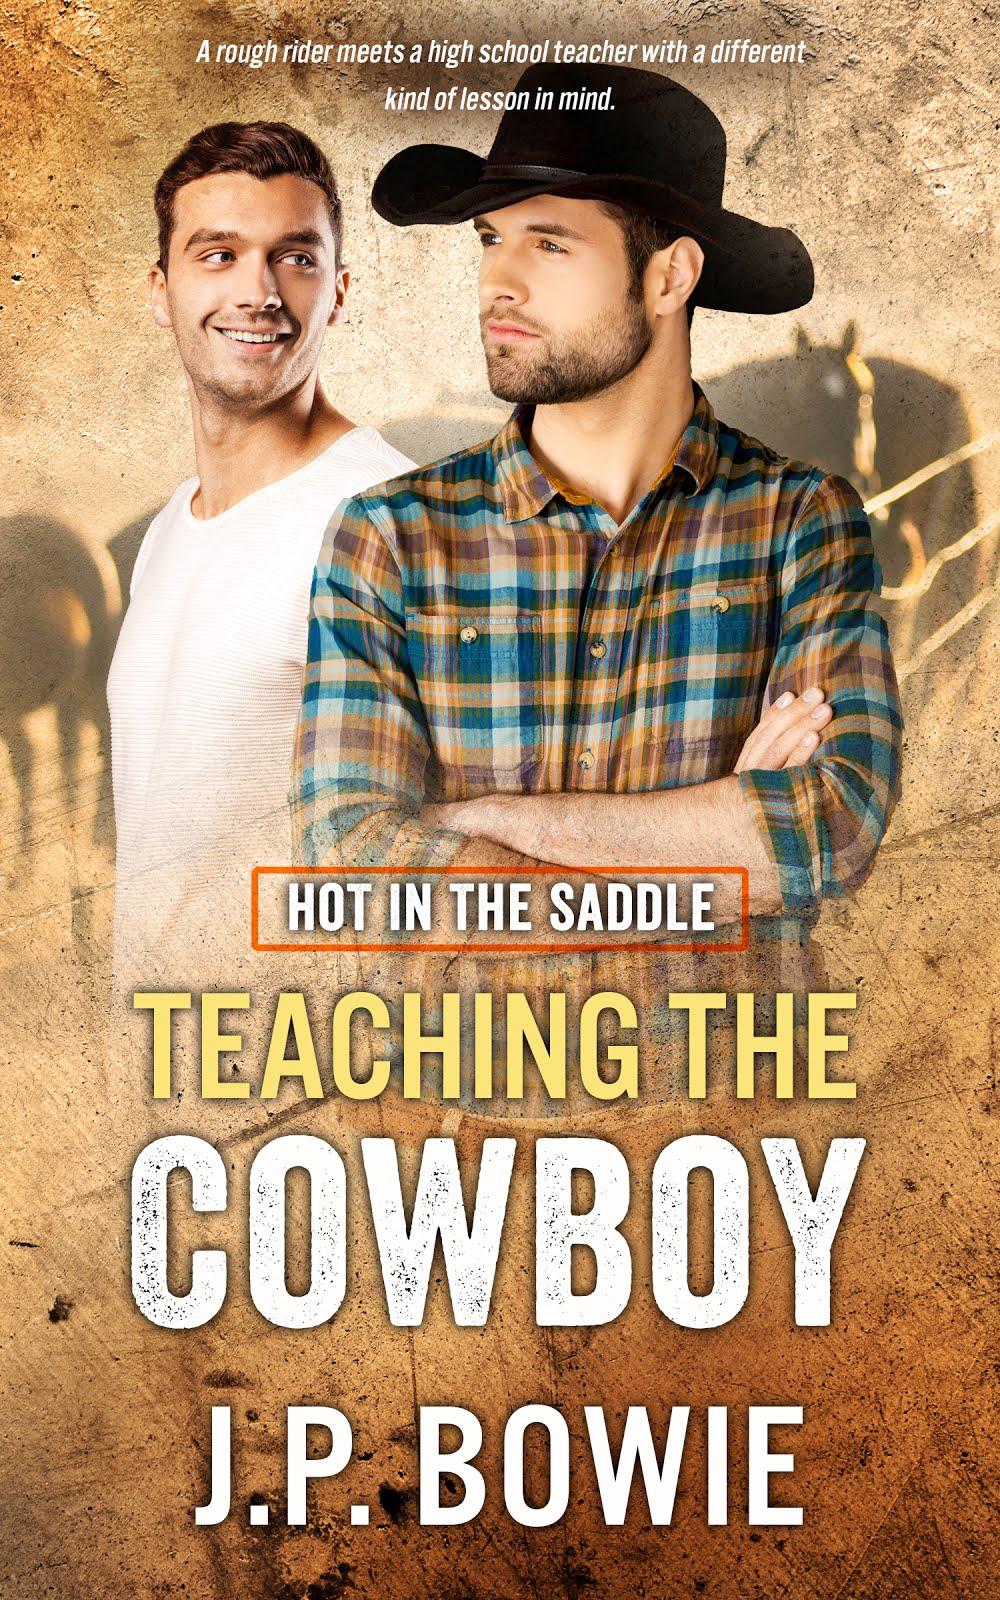 Teaching the Cowboy!